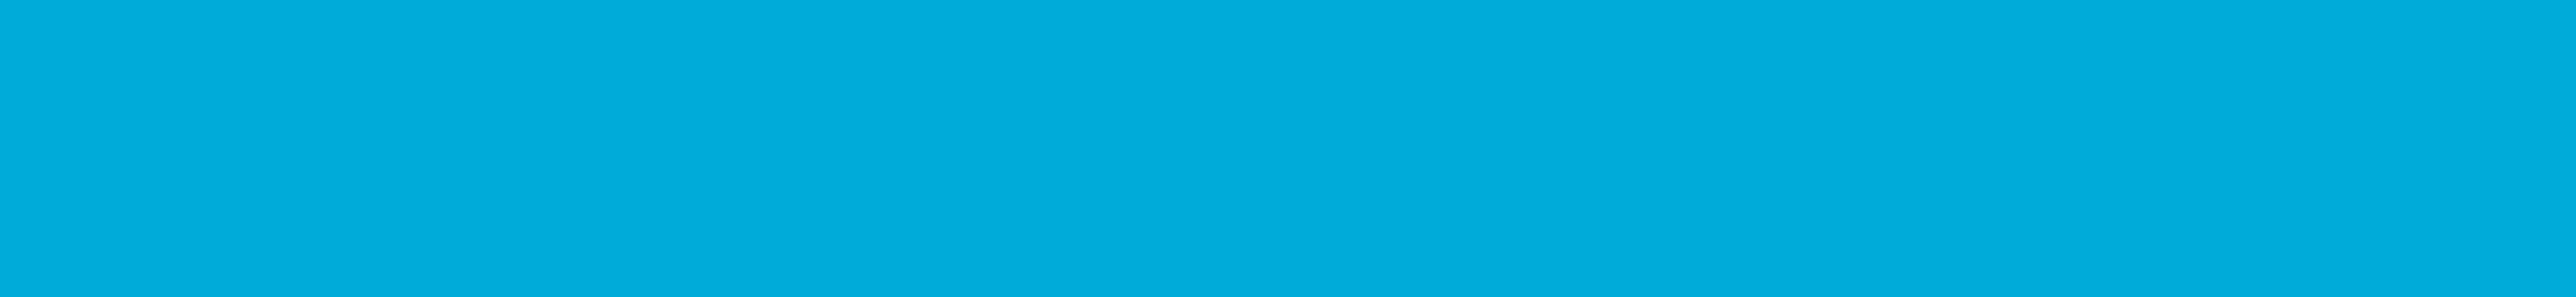 fond bleu incroyables cartable